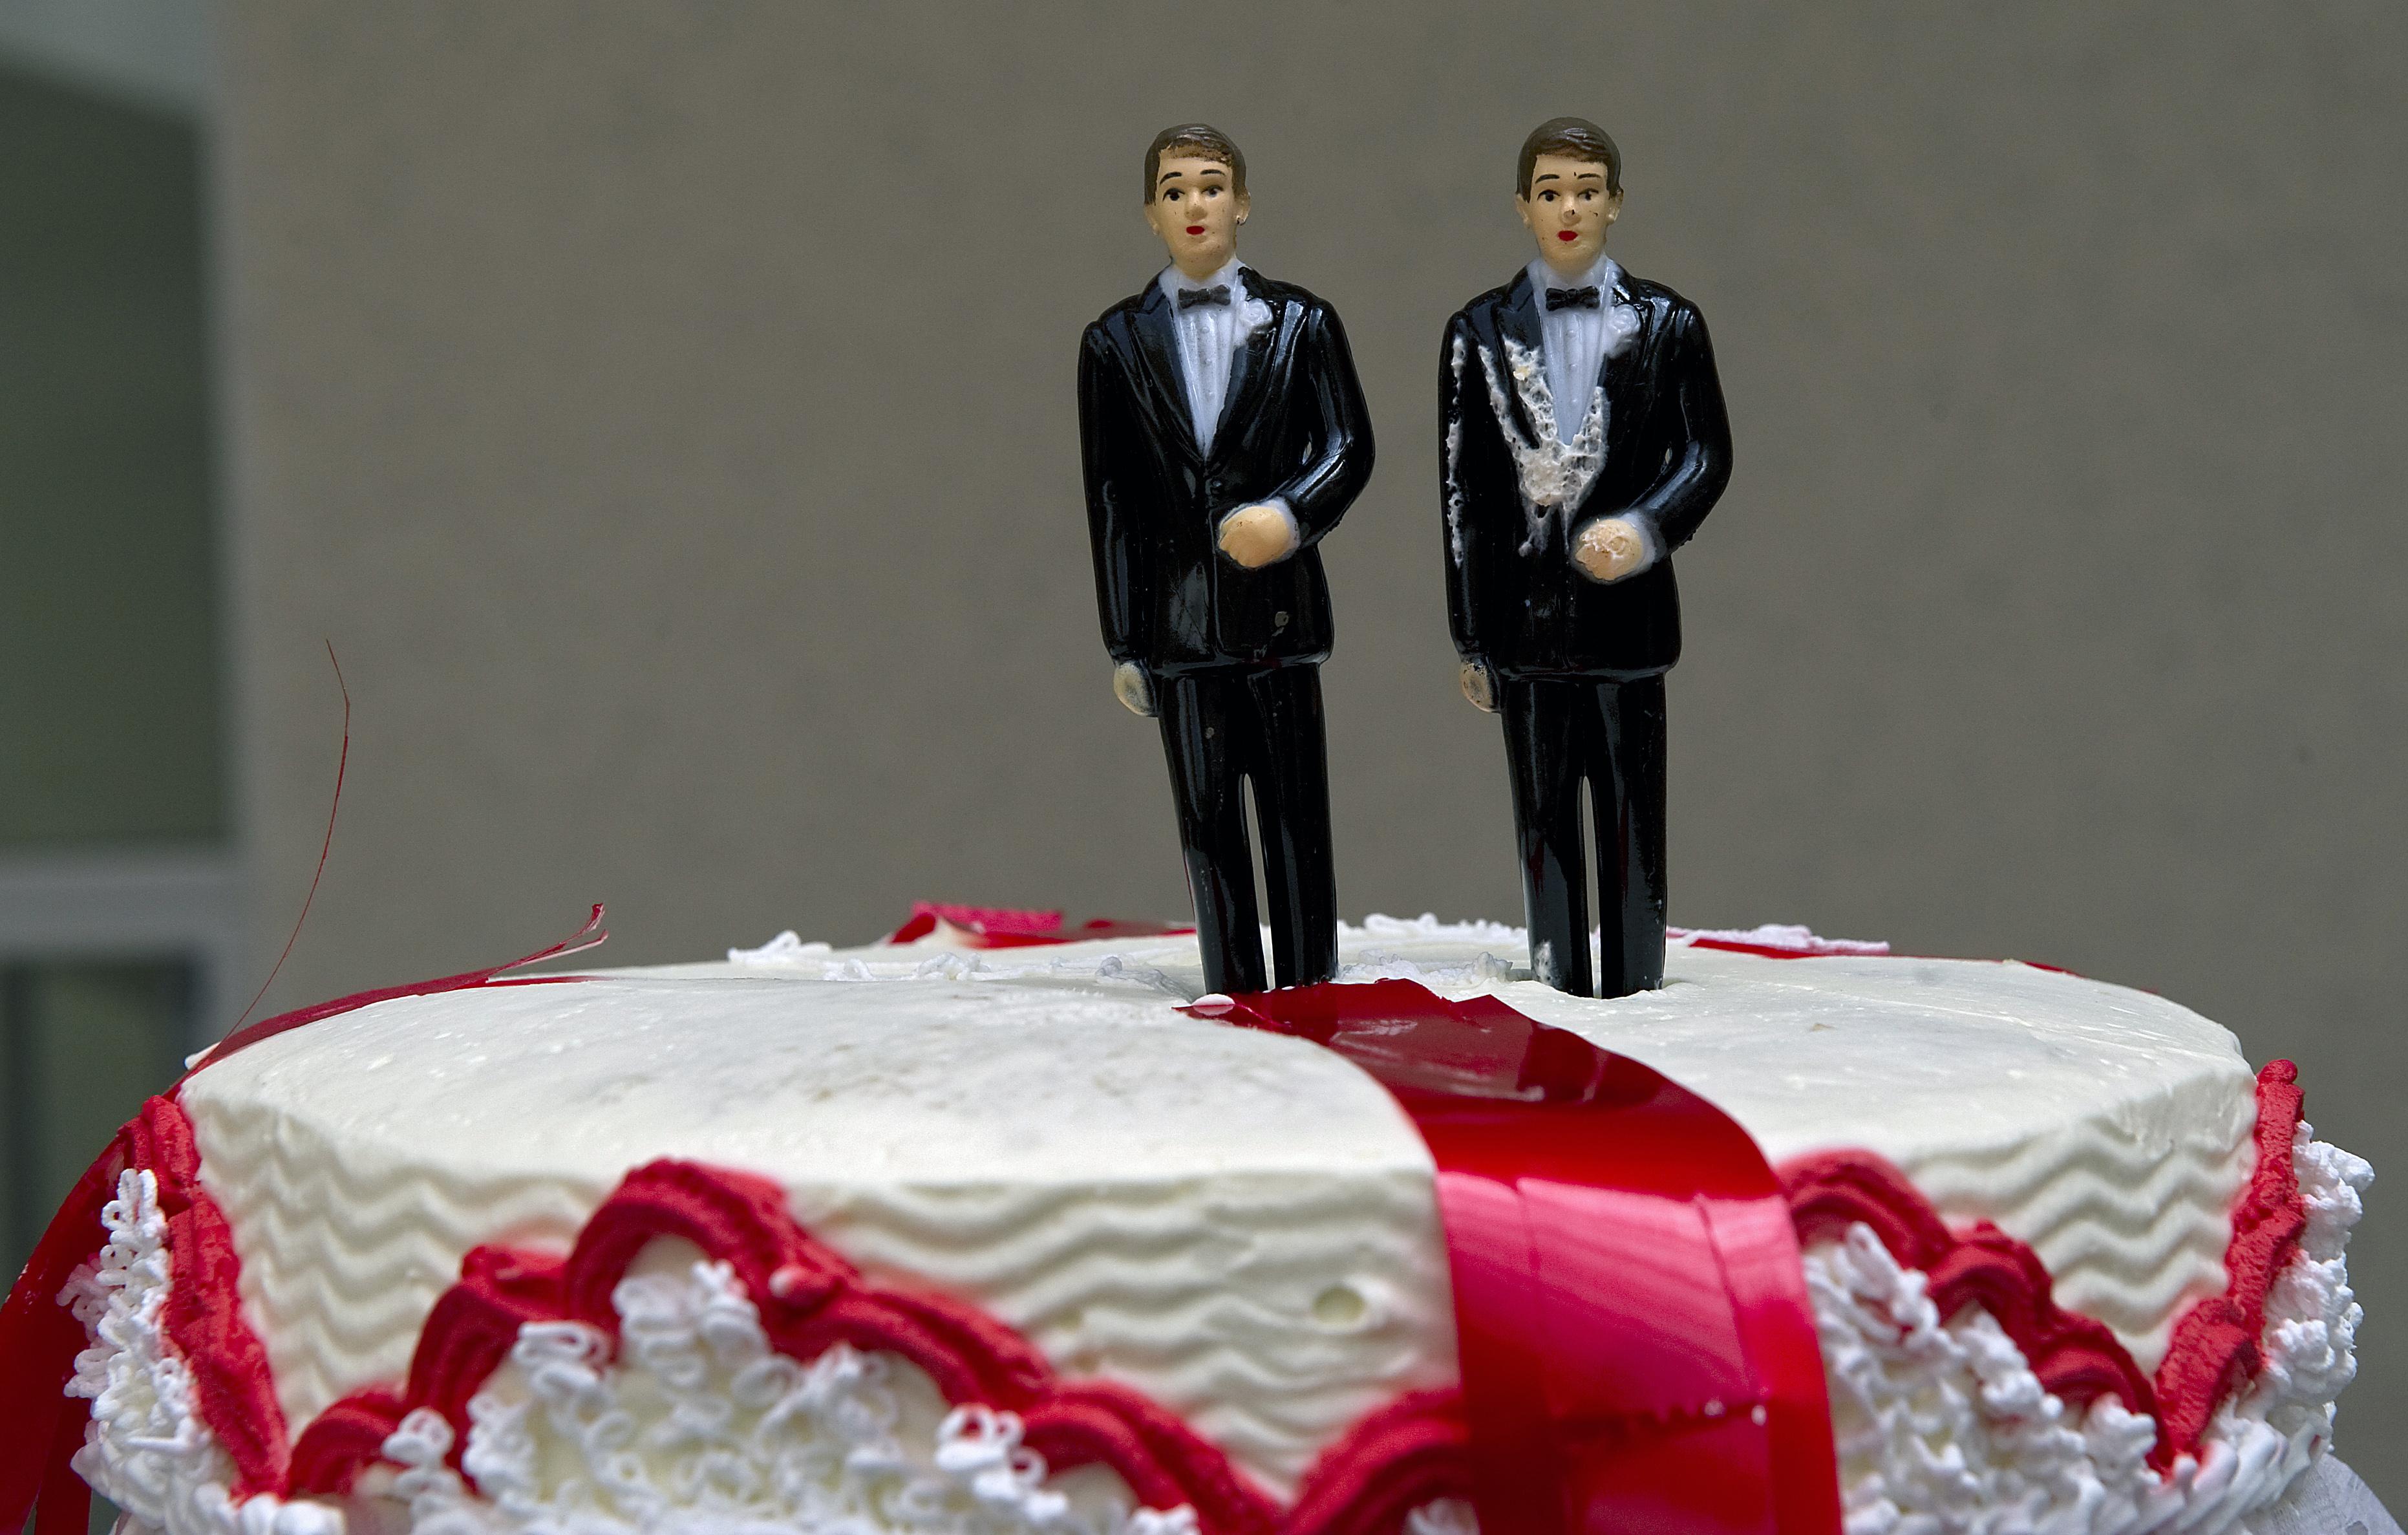 A legfelsőbb bíróság fogja eldönteni, hogy kell-e esküvői tortát sütniük a keresztény cukrászoknak a melegházasságokra